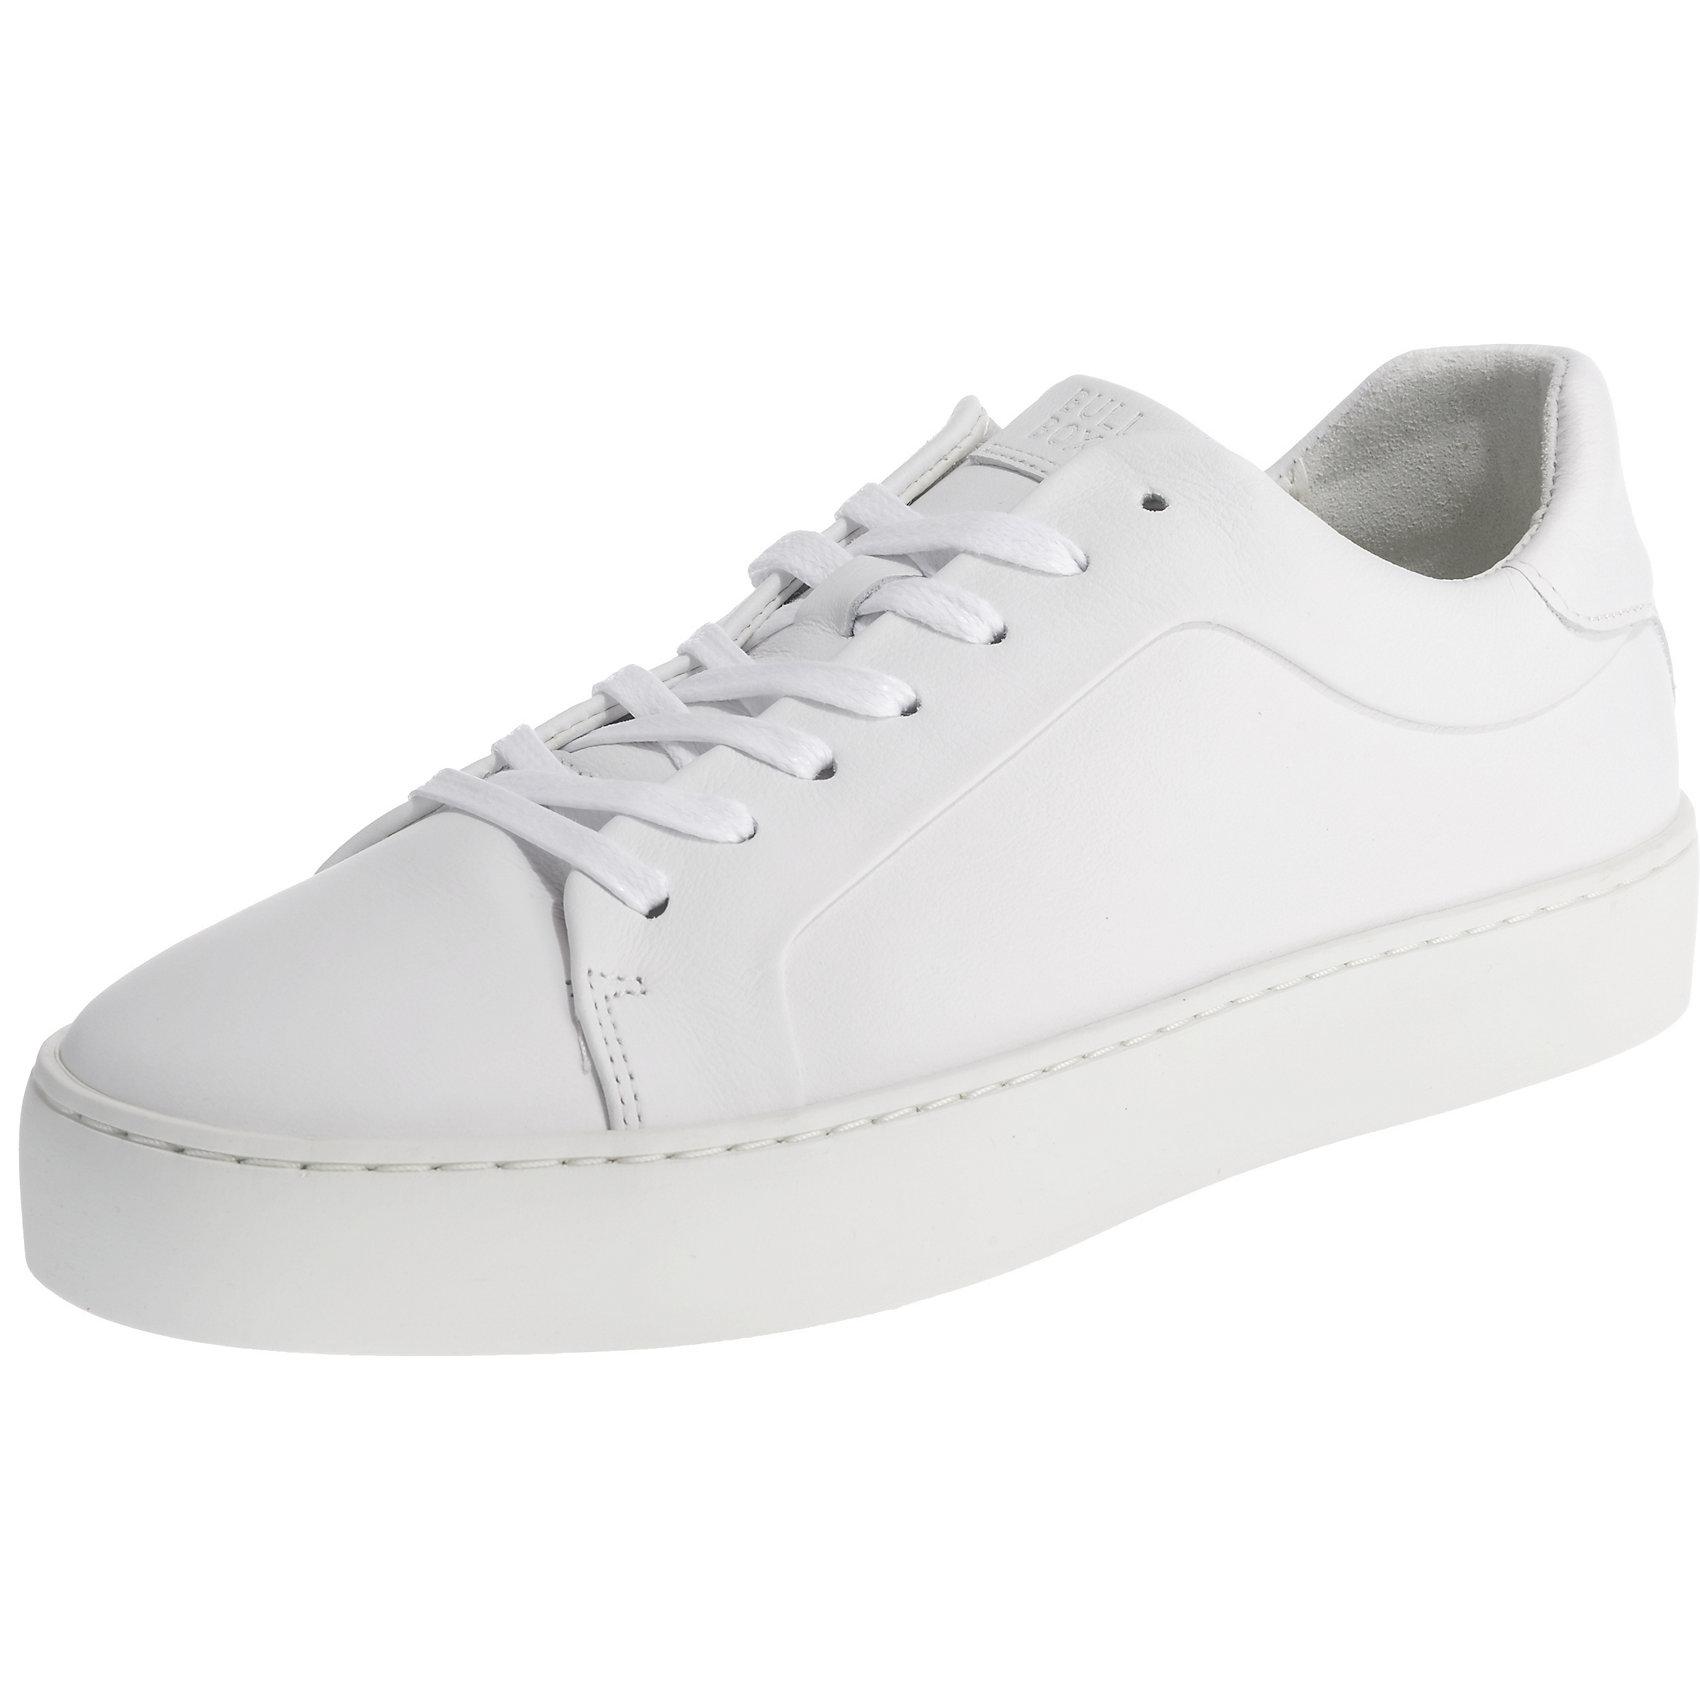 size 40 2e570 5abdb ... NIB Nike Air Max Invigor Mid Mens Style 858654 700 Running Running  Running Shoes Sz ...